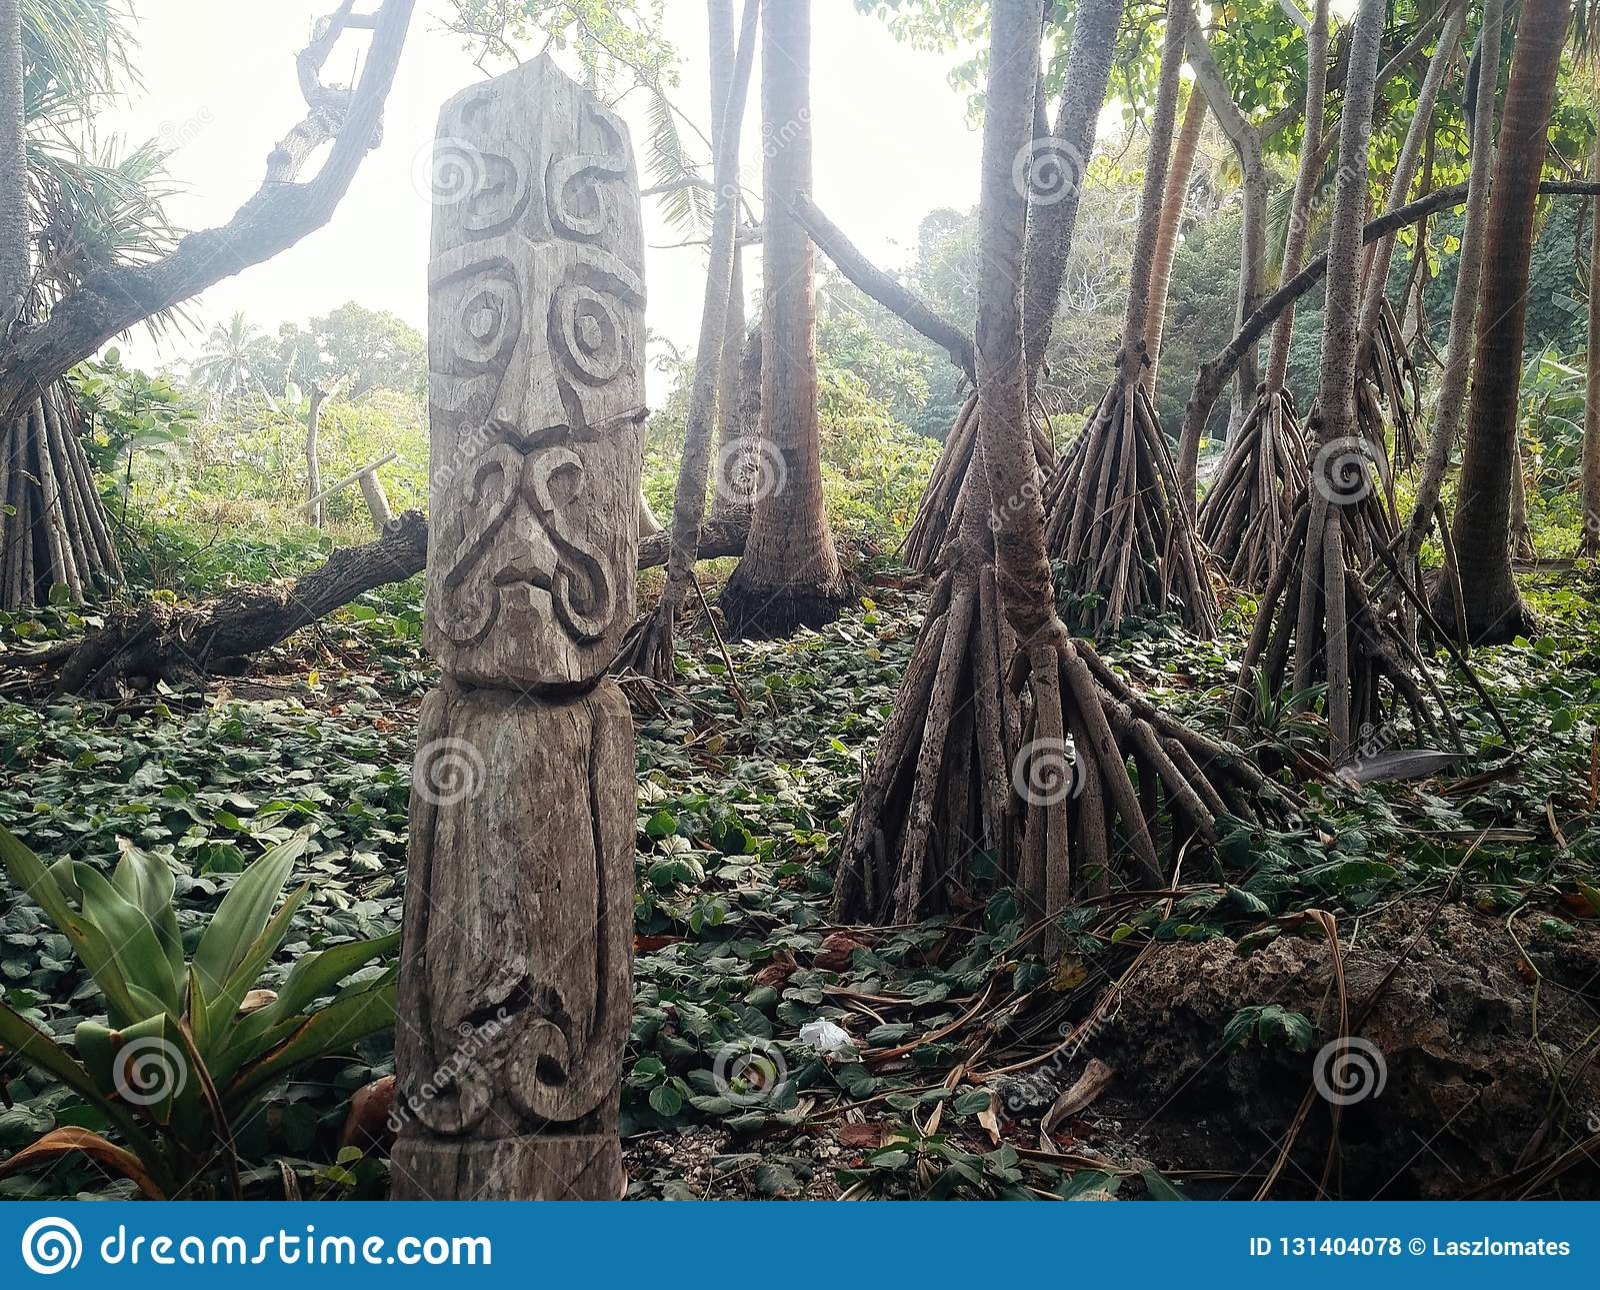 Pueblo de Walarano, isla de Malekula/Vanuatu - 9 DE JULIO DE 2016: estatua de madera tallada del tótem como señal de peligro apen